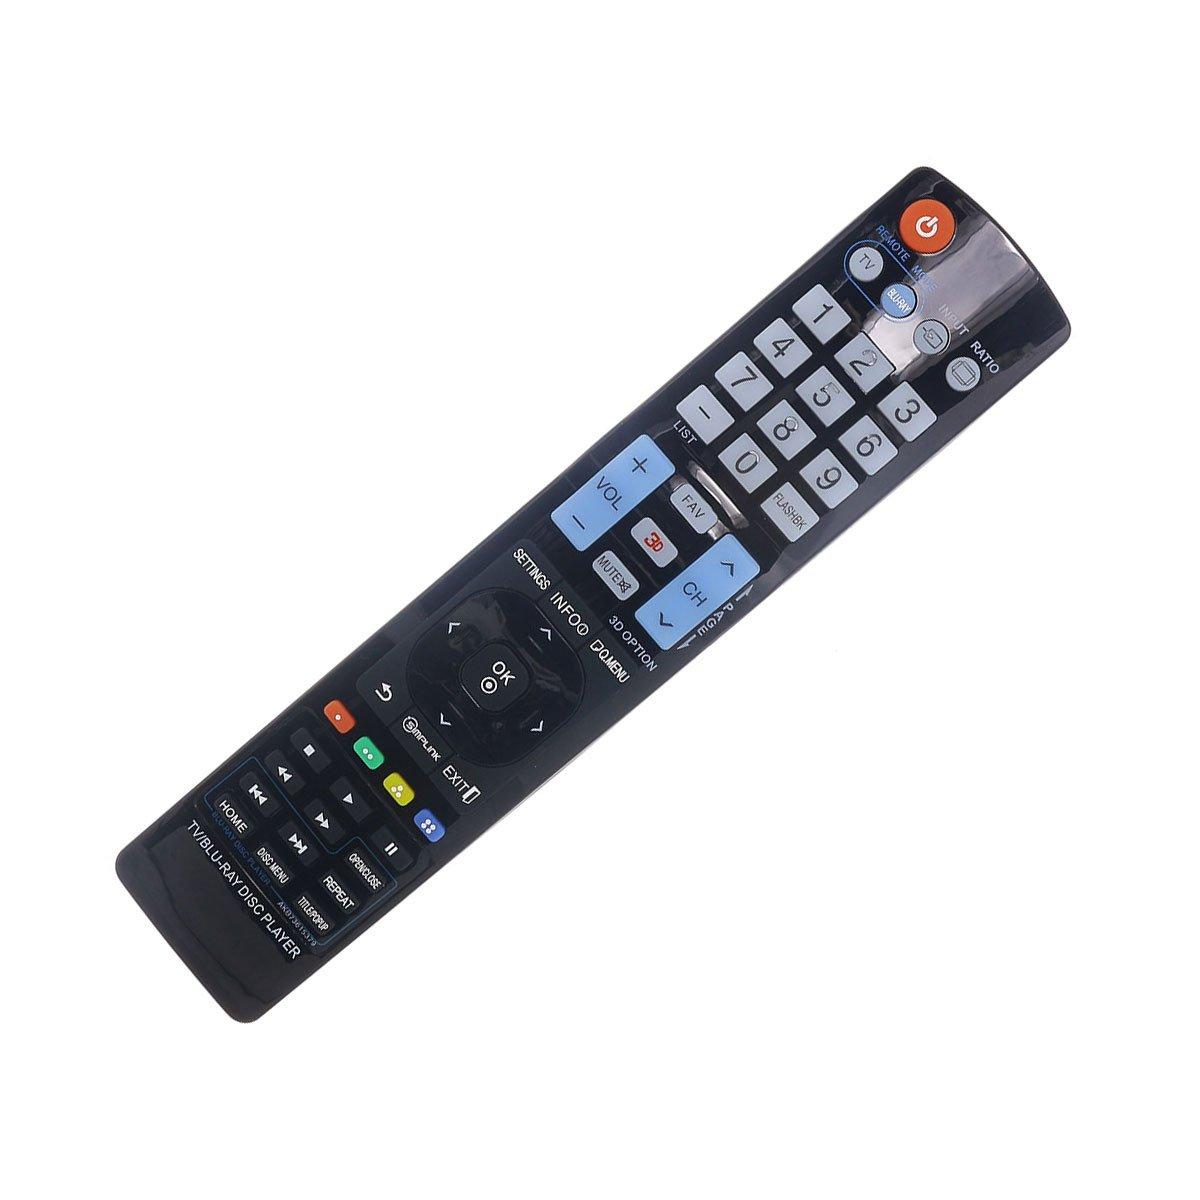 DEHA テレビリモコン LG 42LT670Hテレビ用 B07MTQY4RT